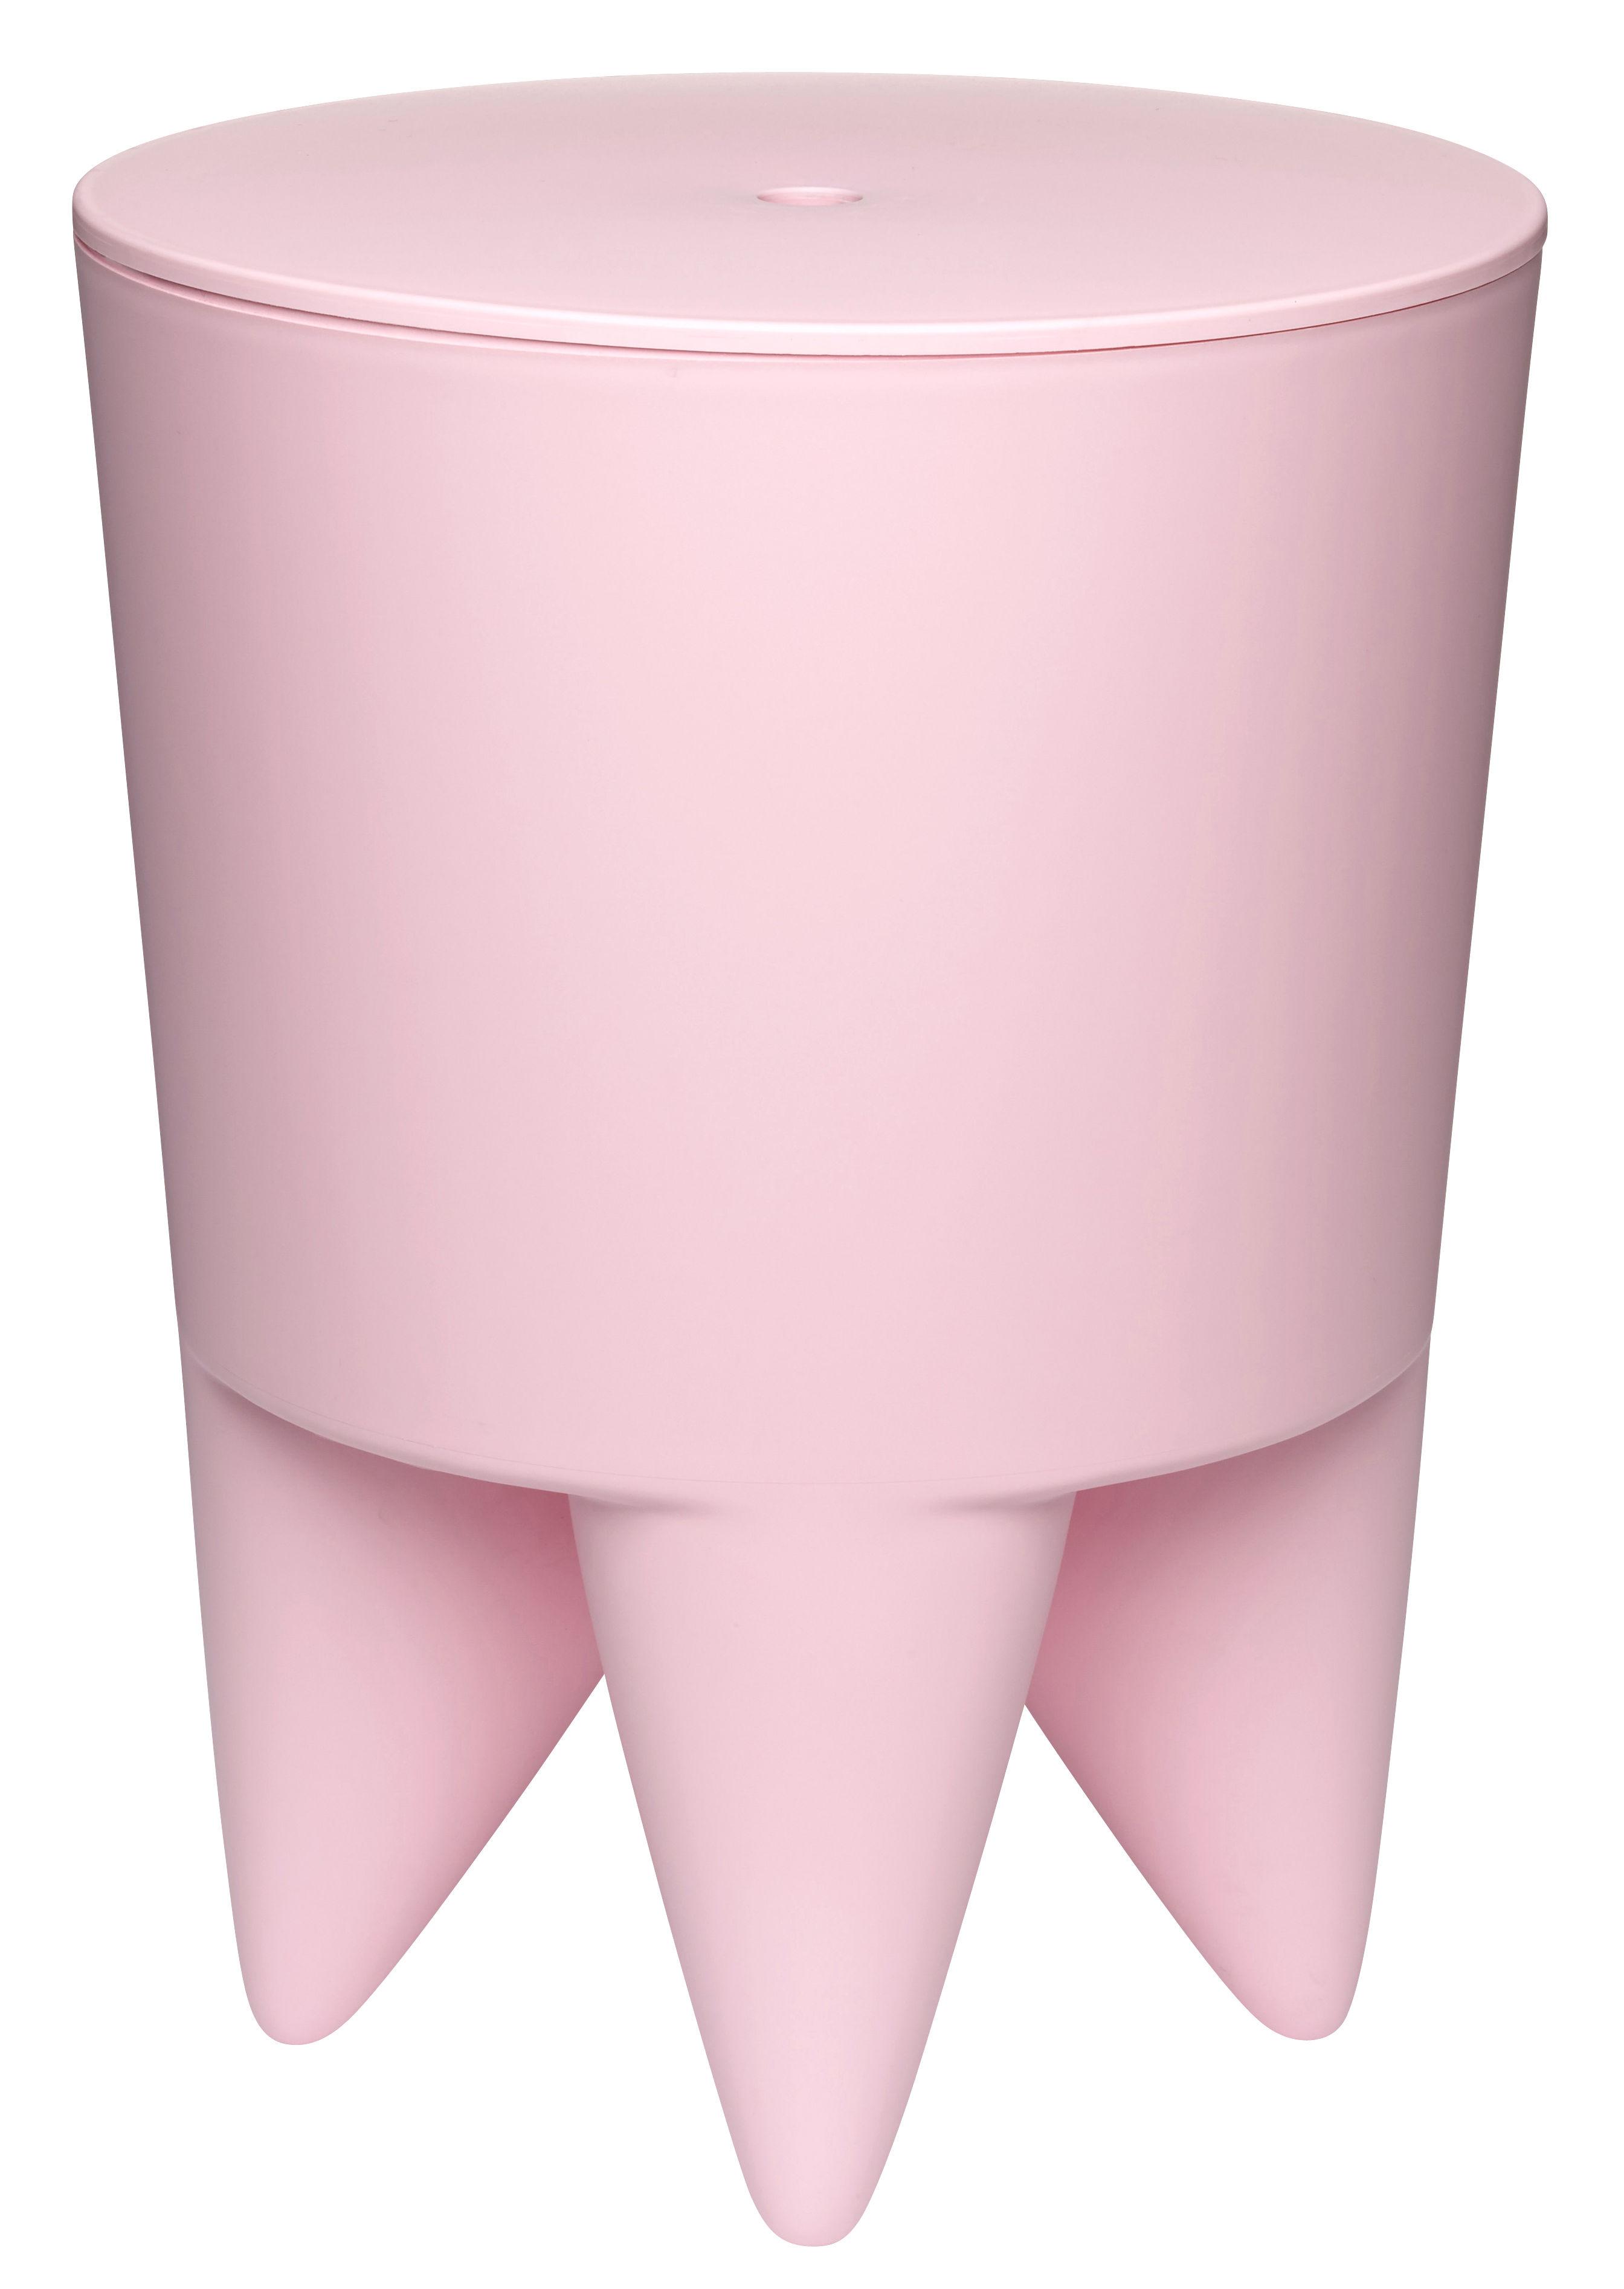 Mobilier - Tabourets bas - Tabouret New Bubu 1er / Coffre - Plastique - XO - Rose pâle - Polypropylène